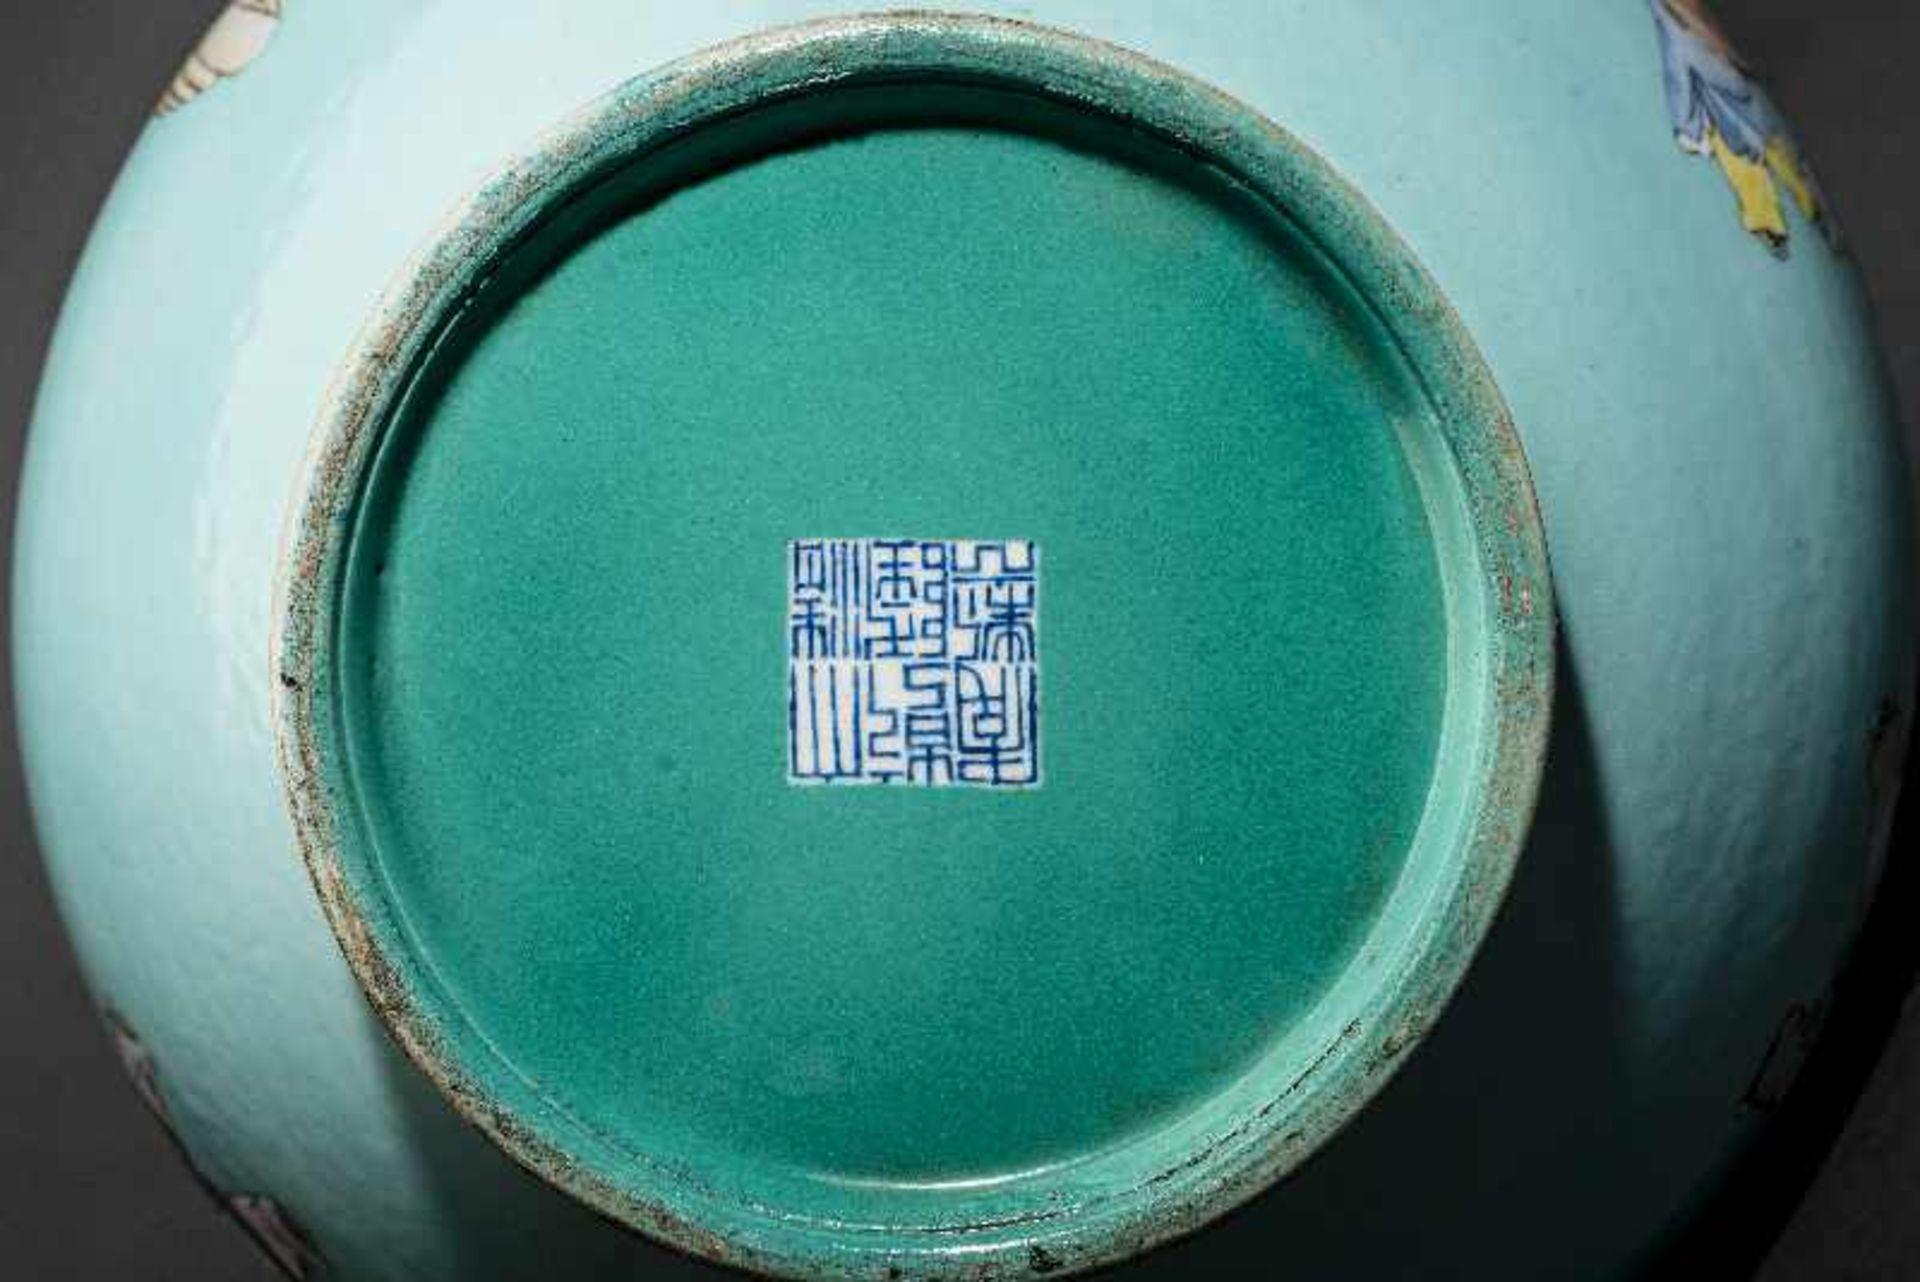 GROSSE VASE MIT SPIELENDEN KNABEN Porzellan mit Emailfarben. China, Auf türkis-blaugrünem Grund sind - Image 4 of 4